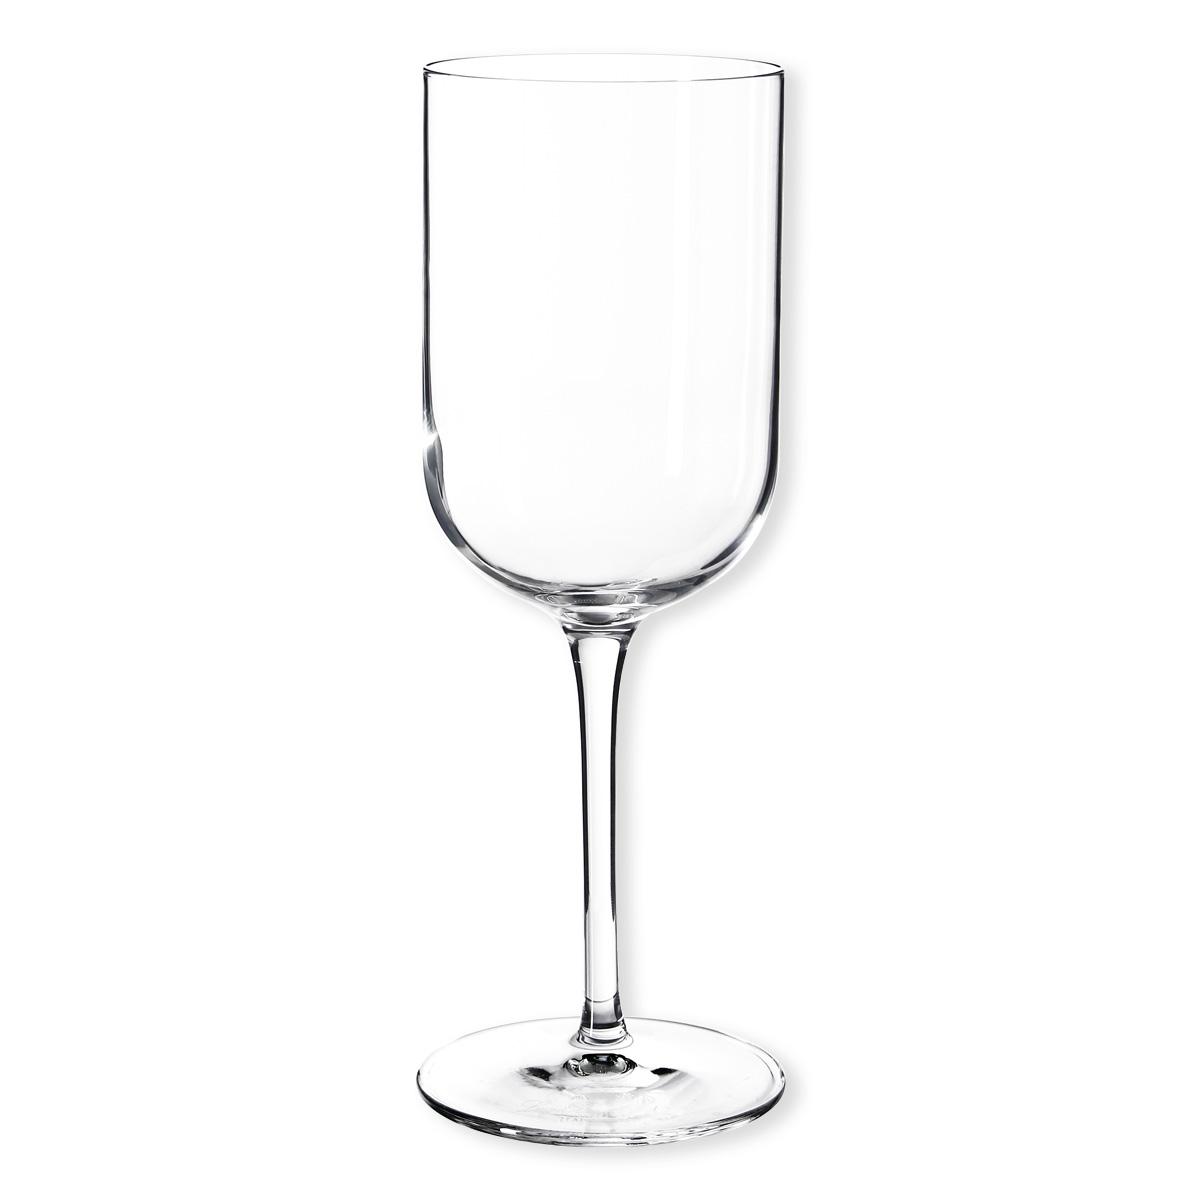 Verre A Vin Moderne verre à vin sublime - résistant et moderne - 28cl - bruno evrard